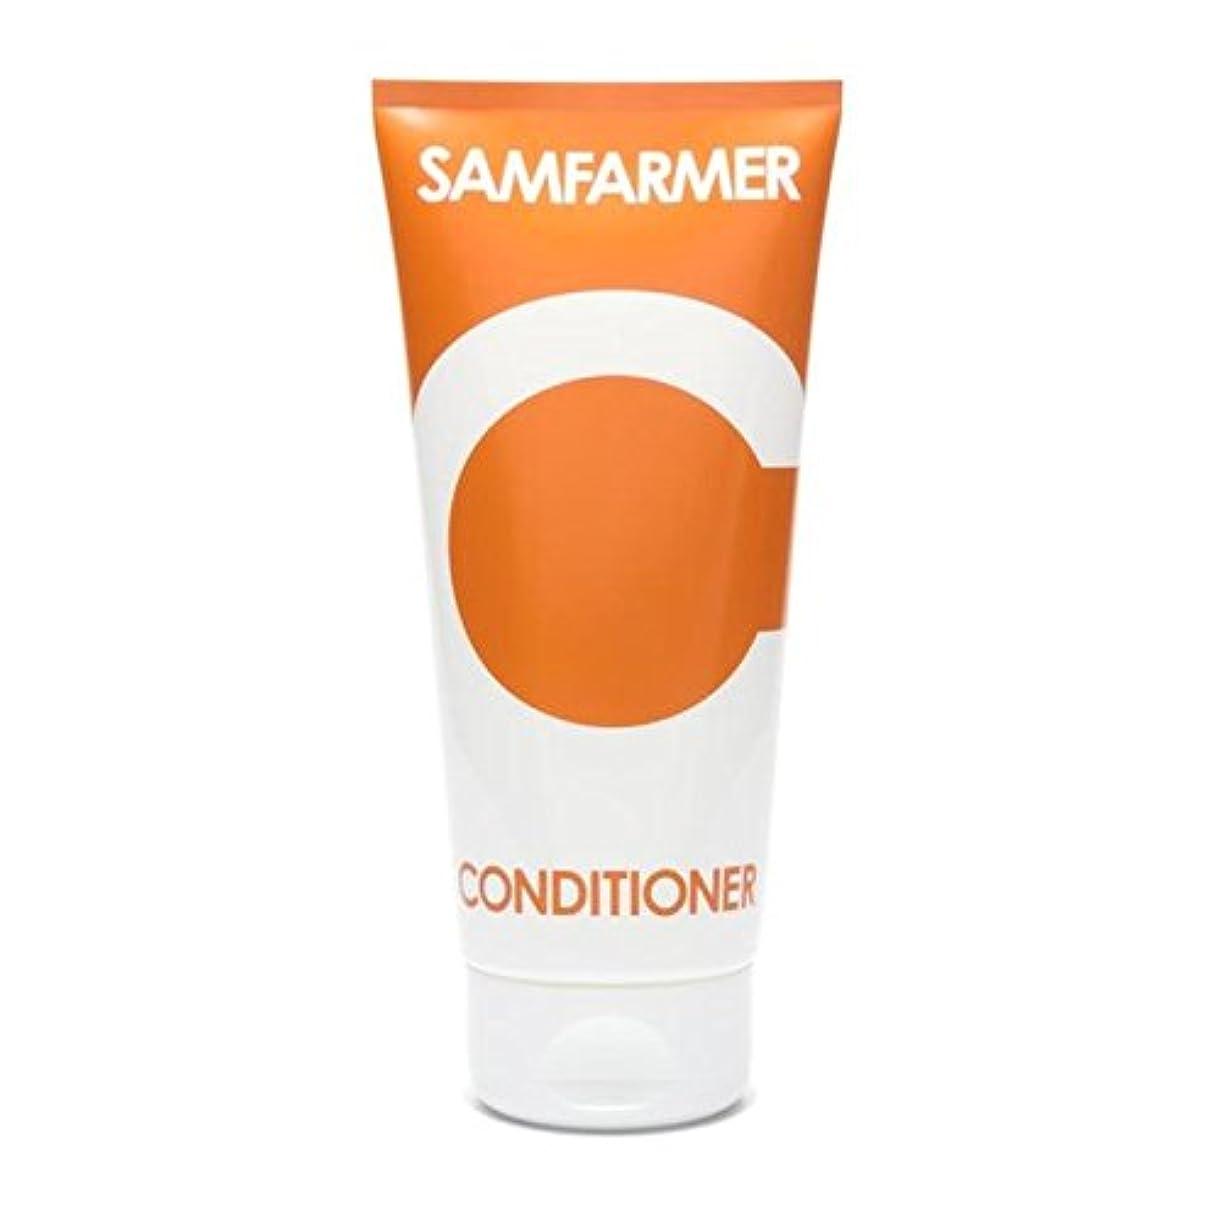 本を読むモード無効にするユニセックスコンディショナー200 x4 - SAMFARMER Unisex Conditioner 200ml (Pack of 4) [並行輸入品]